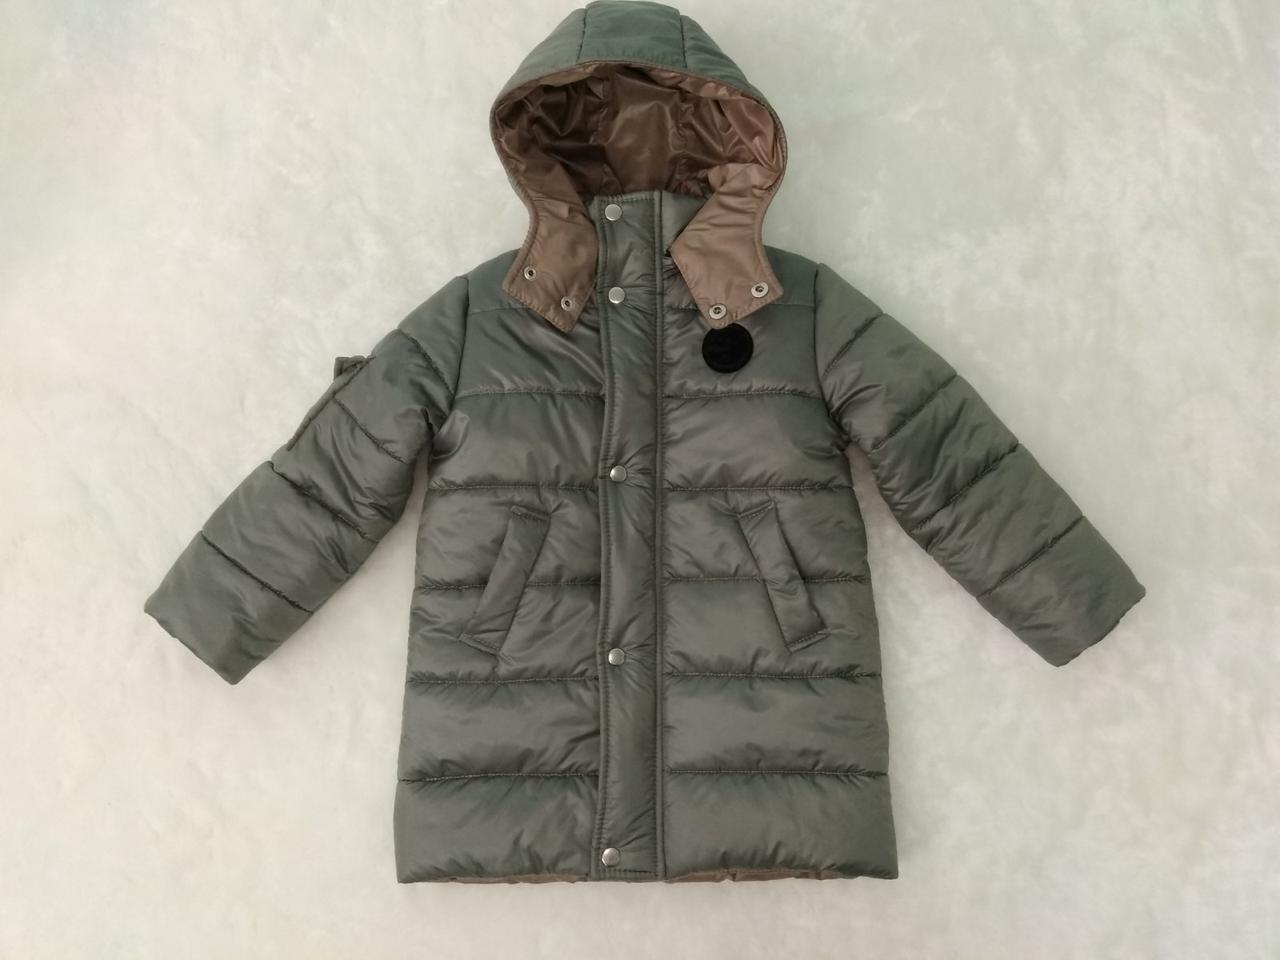 Куртка зимова подовжена. Розмір 104-110